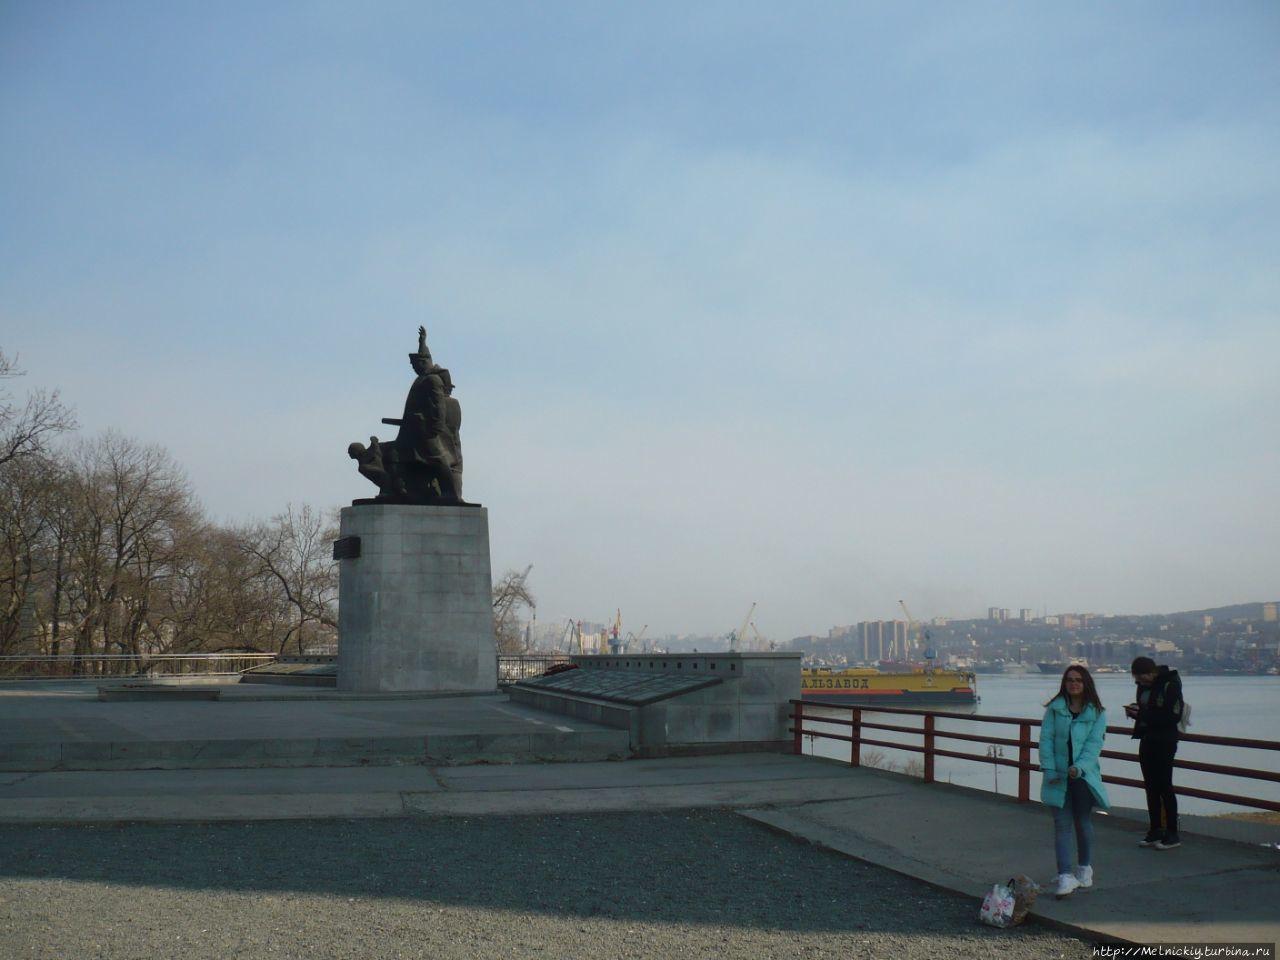 Подводный флот ссср и россии показать фото озеленение